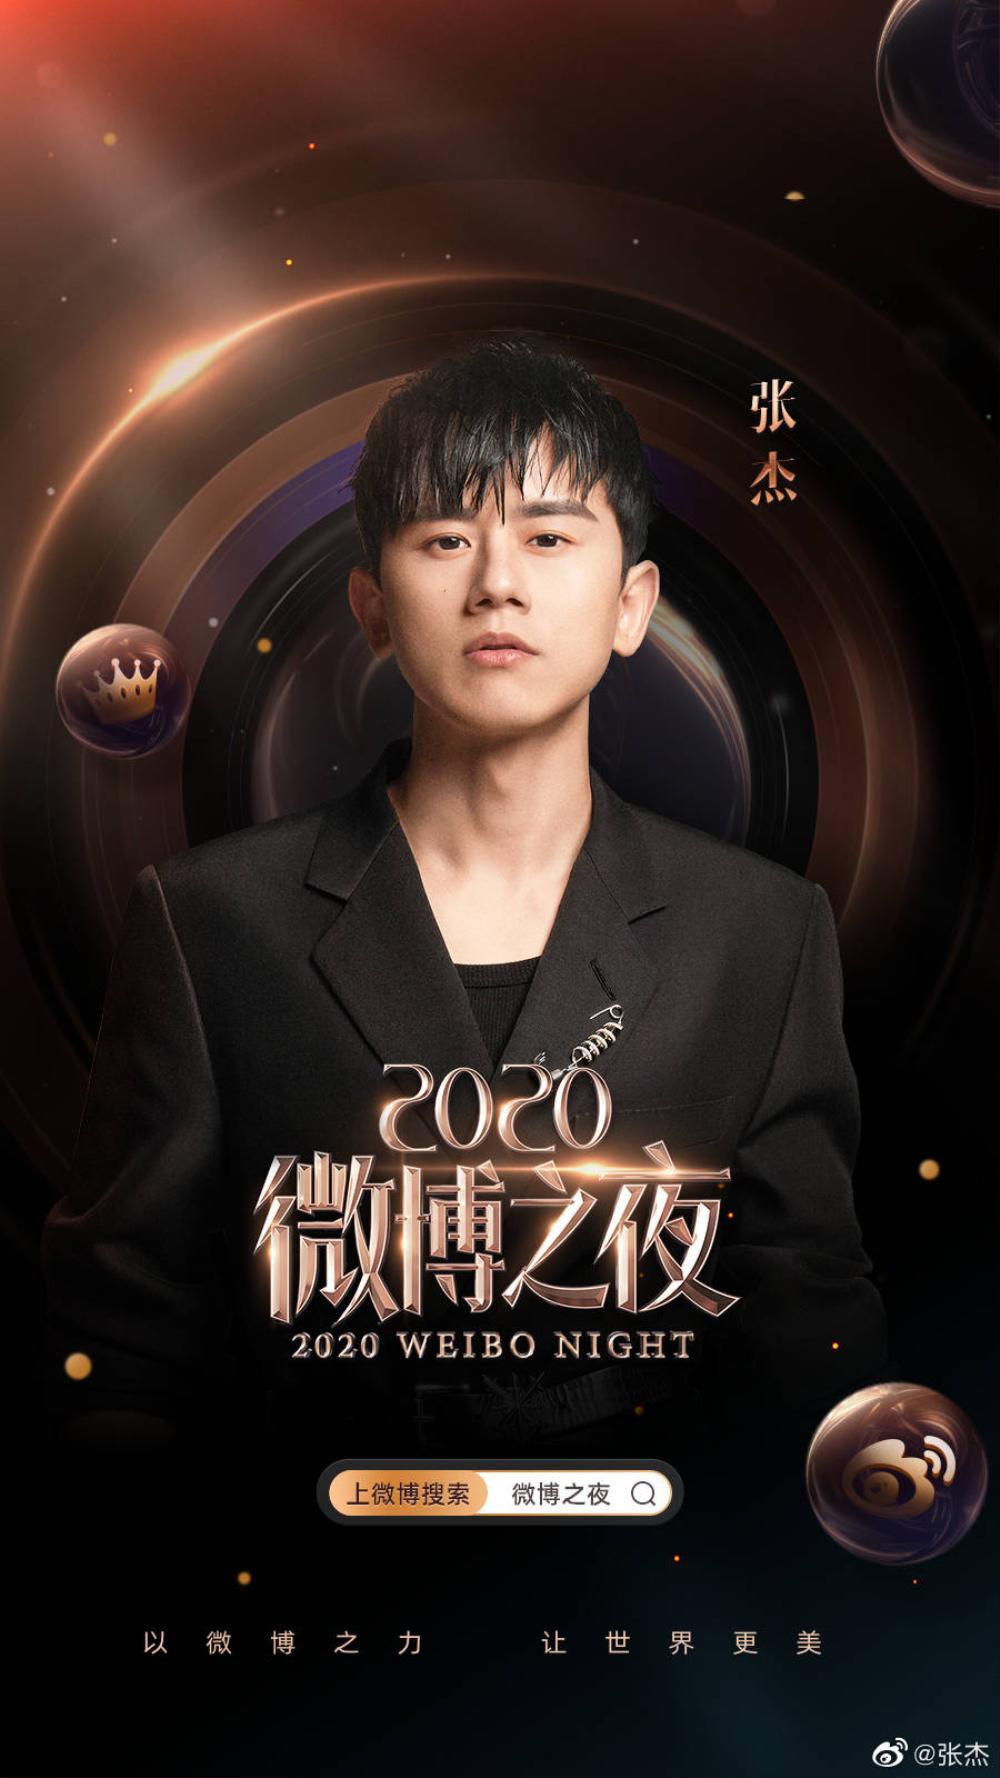 Tiêu Chiến - Địch Lệ Nhiệt Ba và Vương Tuấn Khải xác nhận tham dự 'Đêm hội Weibo 2020' Ảnh 8